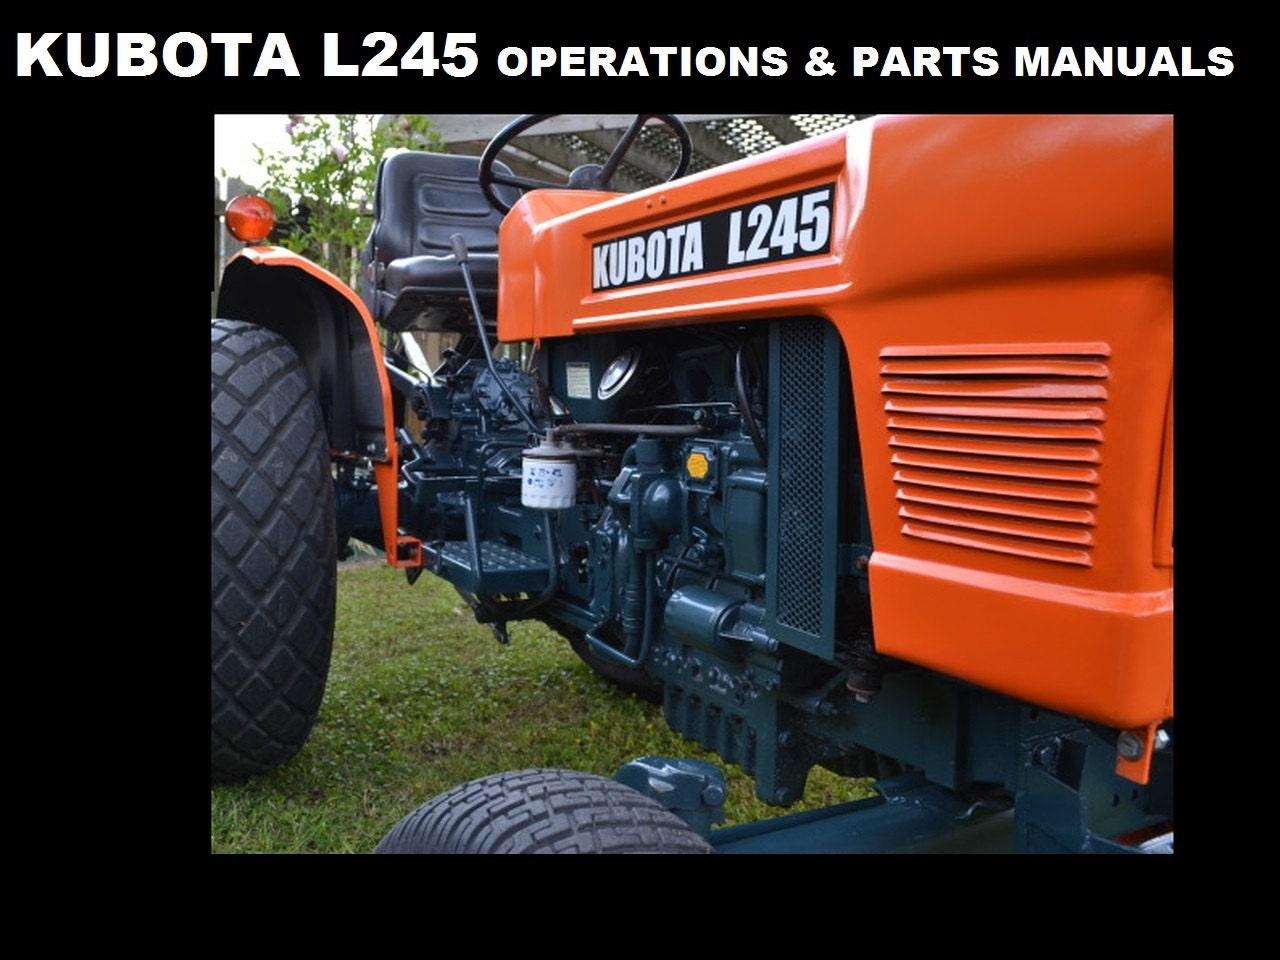 KUBOTA L245 L245DT L 245 piezas y manuales de operaciones para